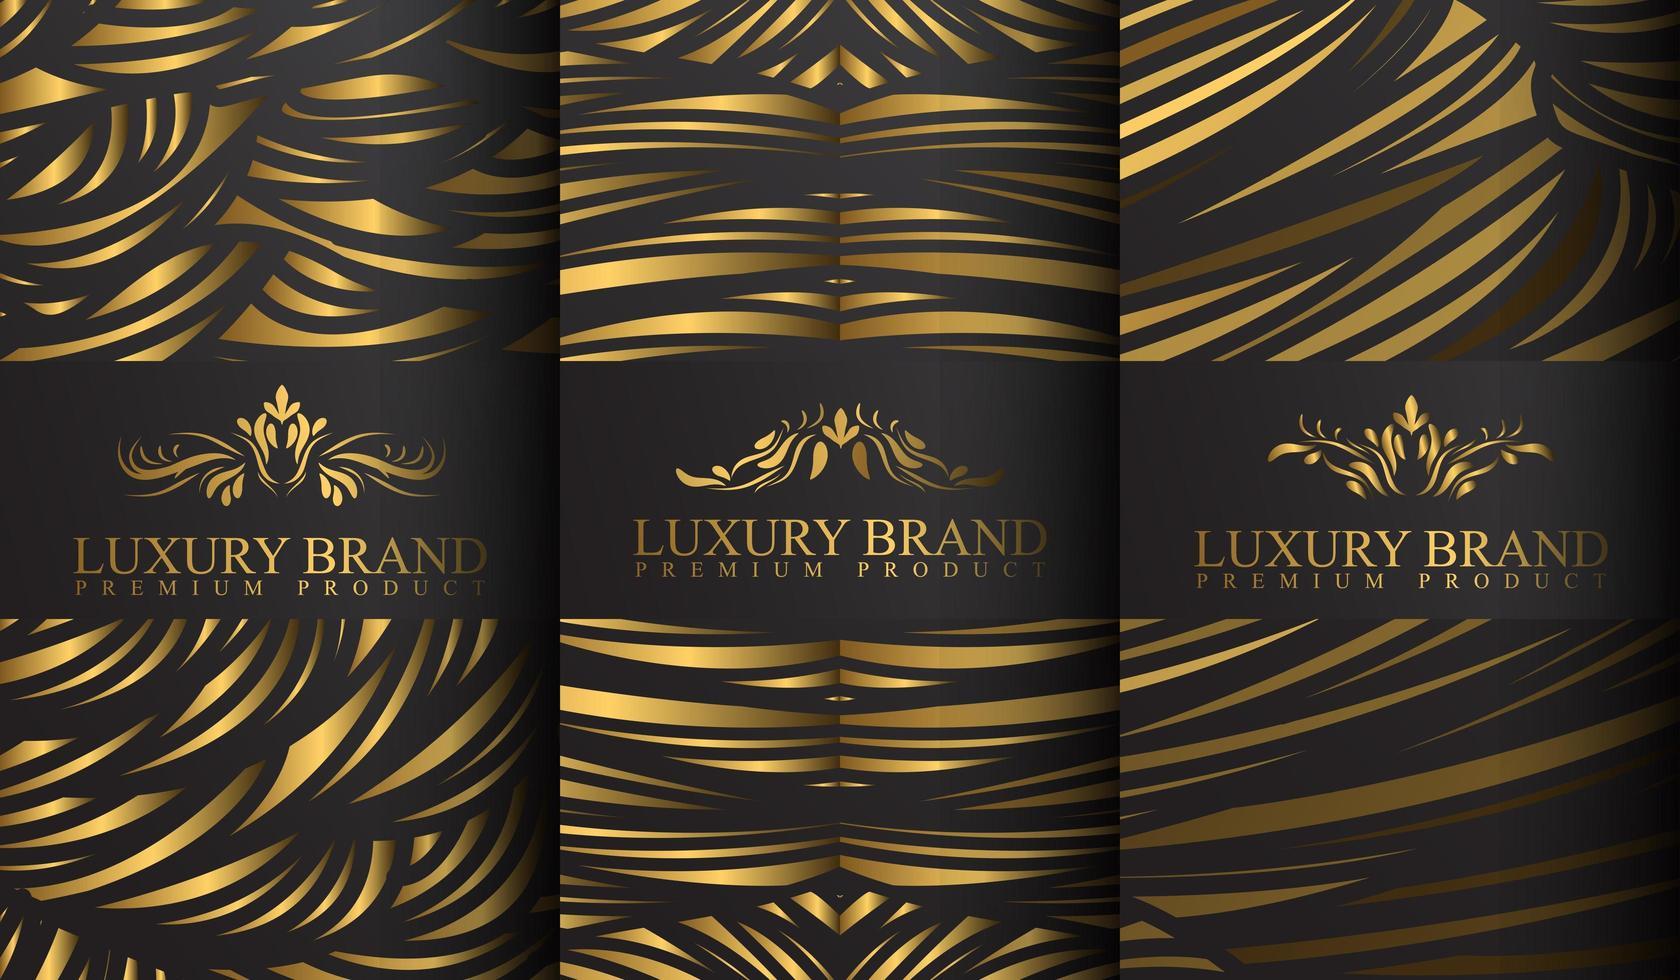 guld- och grå abstrakta randmönster lyxiga etiketter vektor